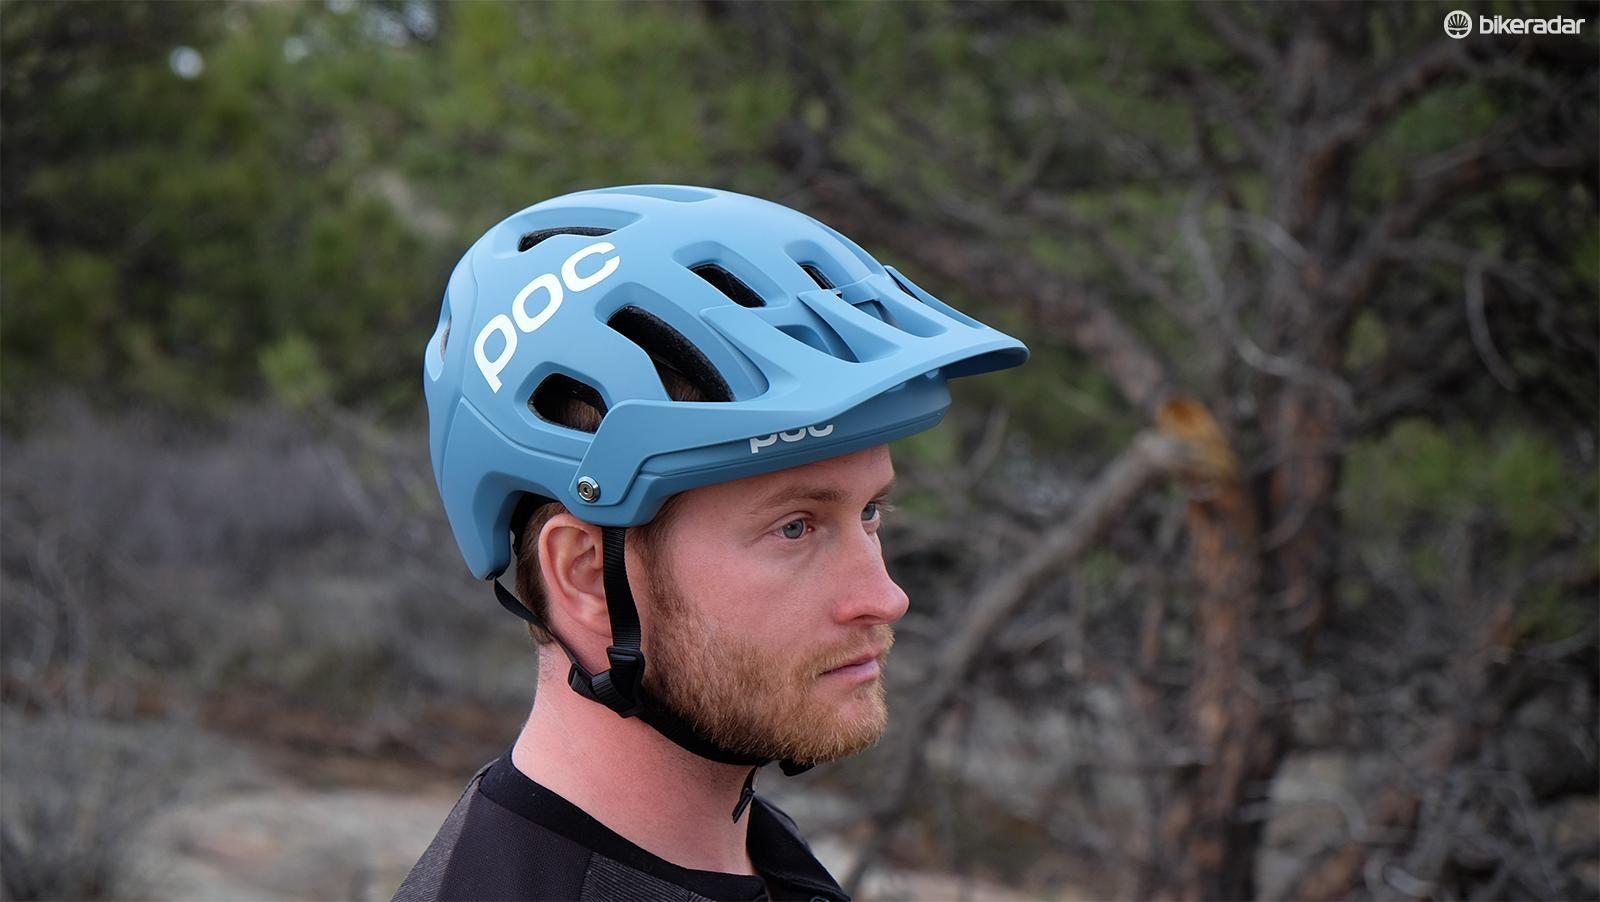 The Tectal is POC's latest trail/enduro helmet